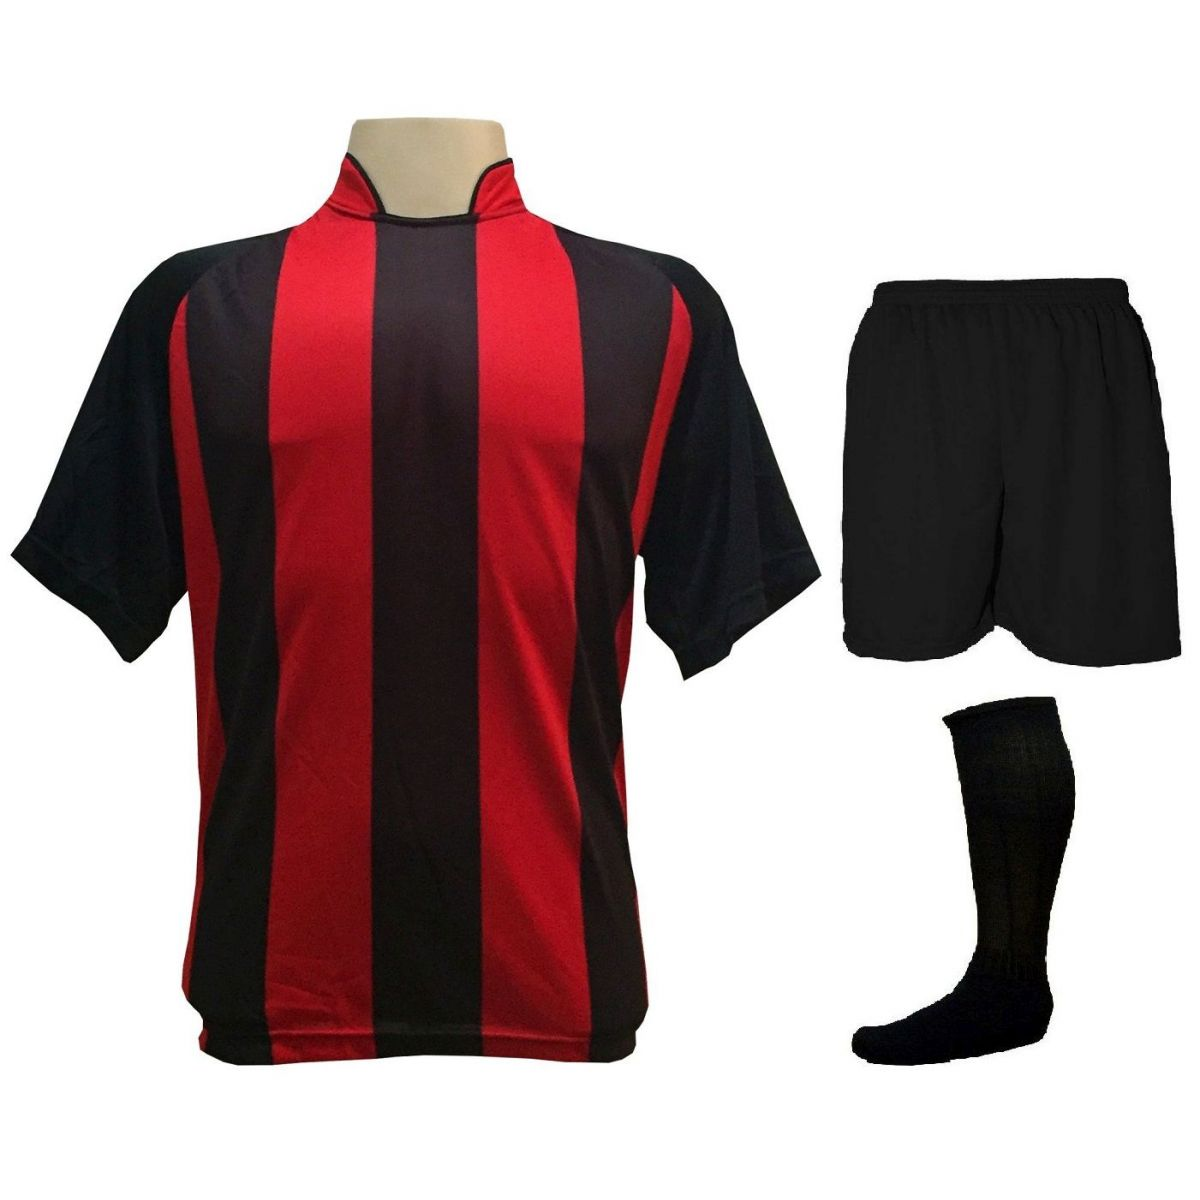 Uniforme Completo modelo Milan 18+2 (18 Camisas Preto/Vermelho + 18 Calções Madrid Preto + 18 Pares de Meiões Pretos + 2 Conjuntos de Goleiro) + Brindes